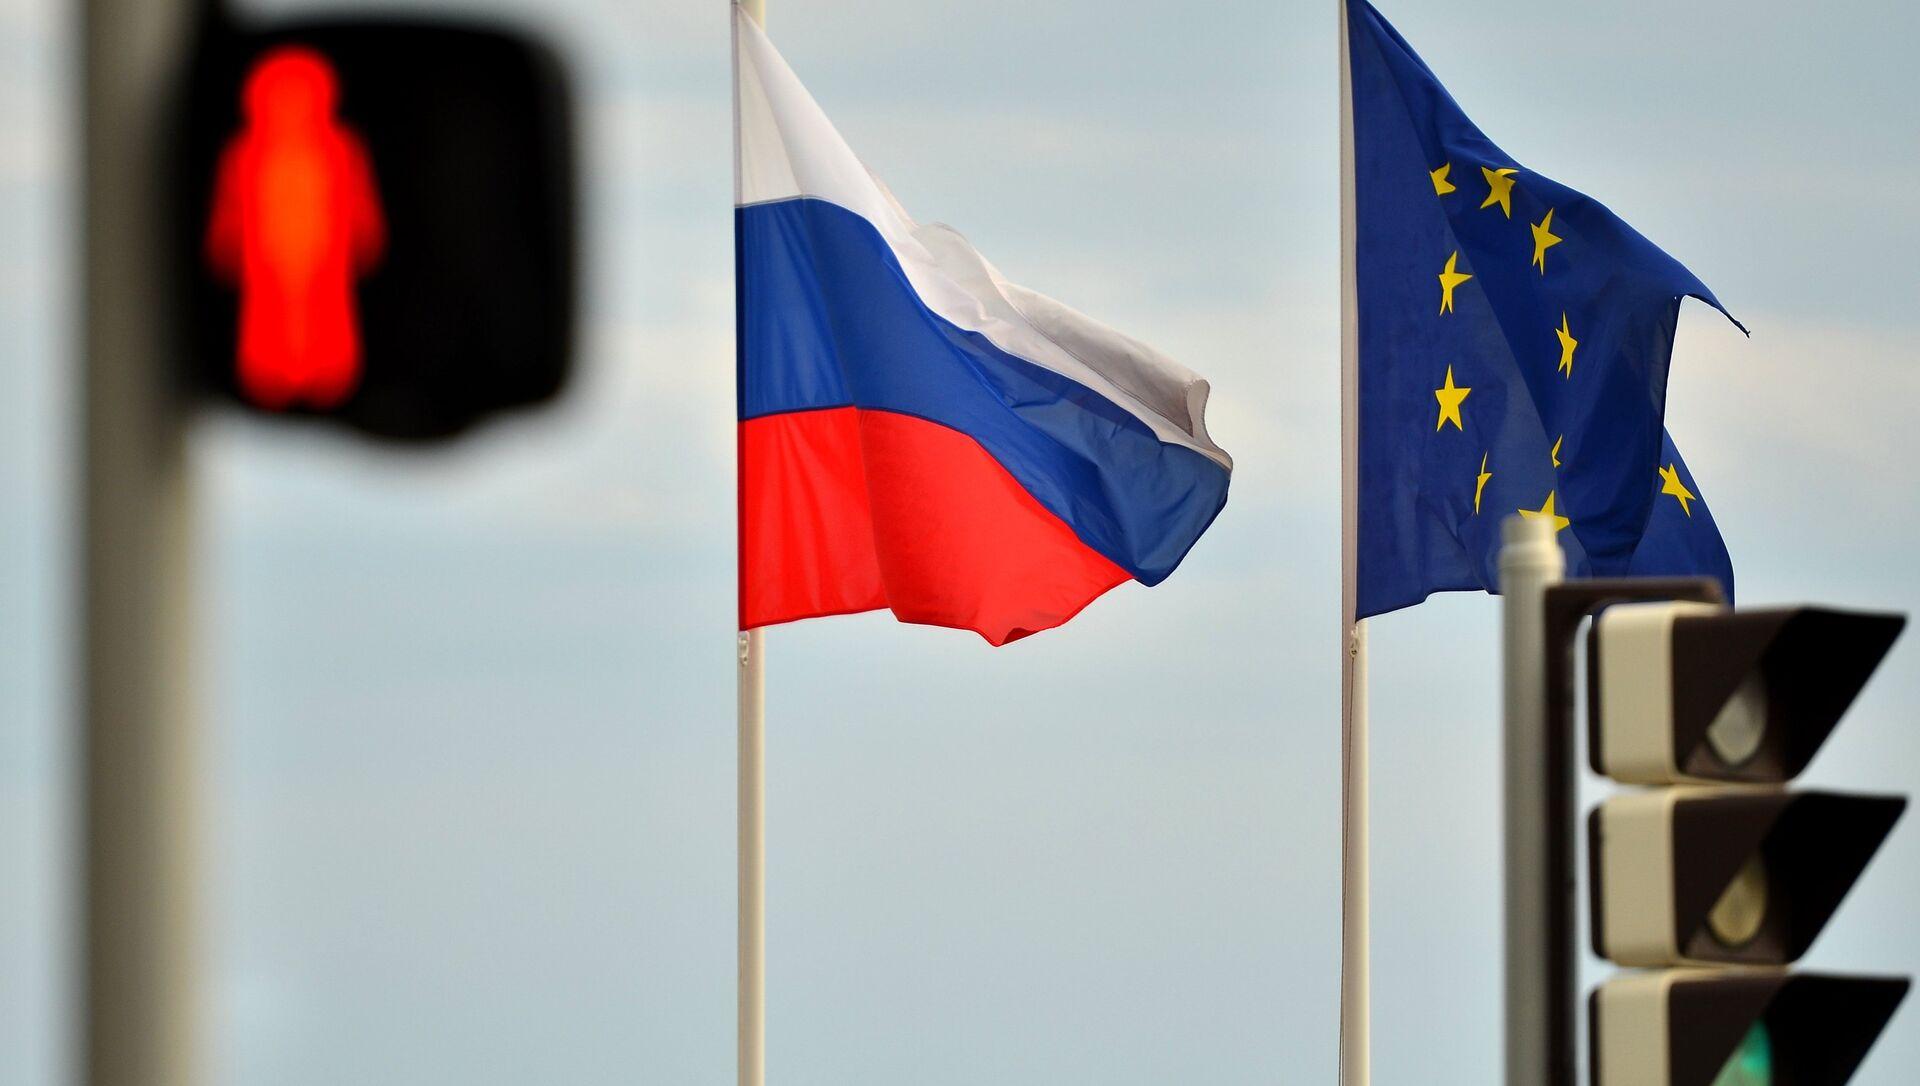 Rusya-Avrupa Birliği ilişkileri - Sputnik Türkiye, 1920, 17.03.2021